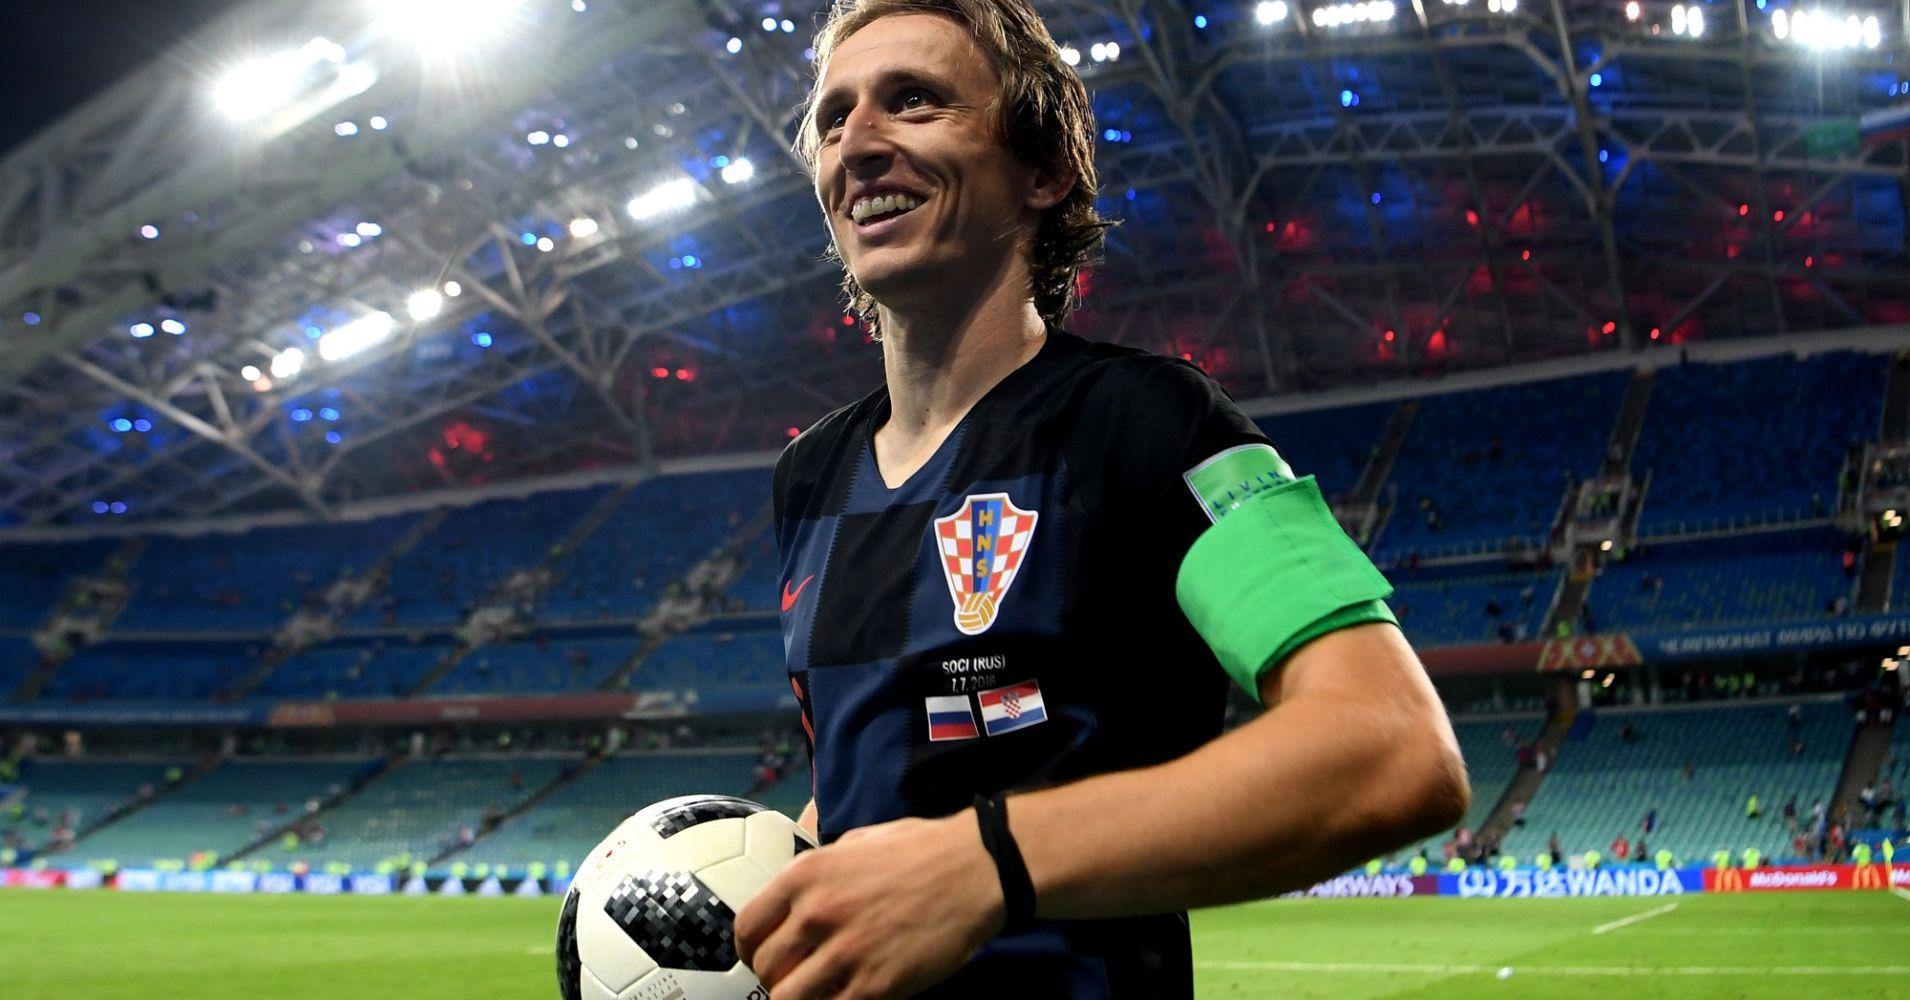 La FIFA reconoce a Luka Modric como el mejor futbolista de 2018